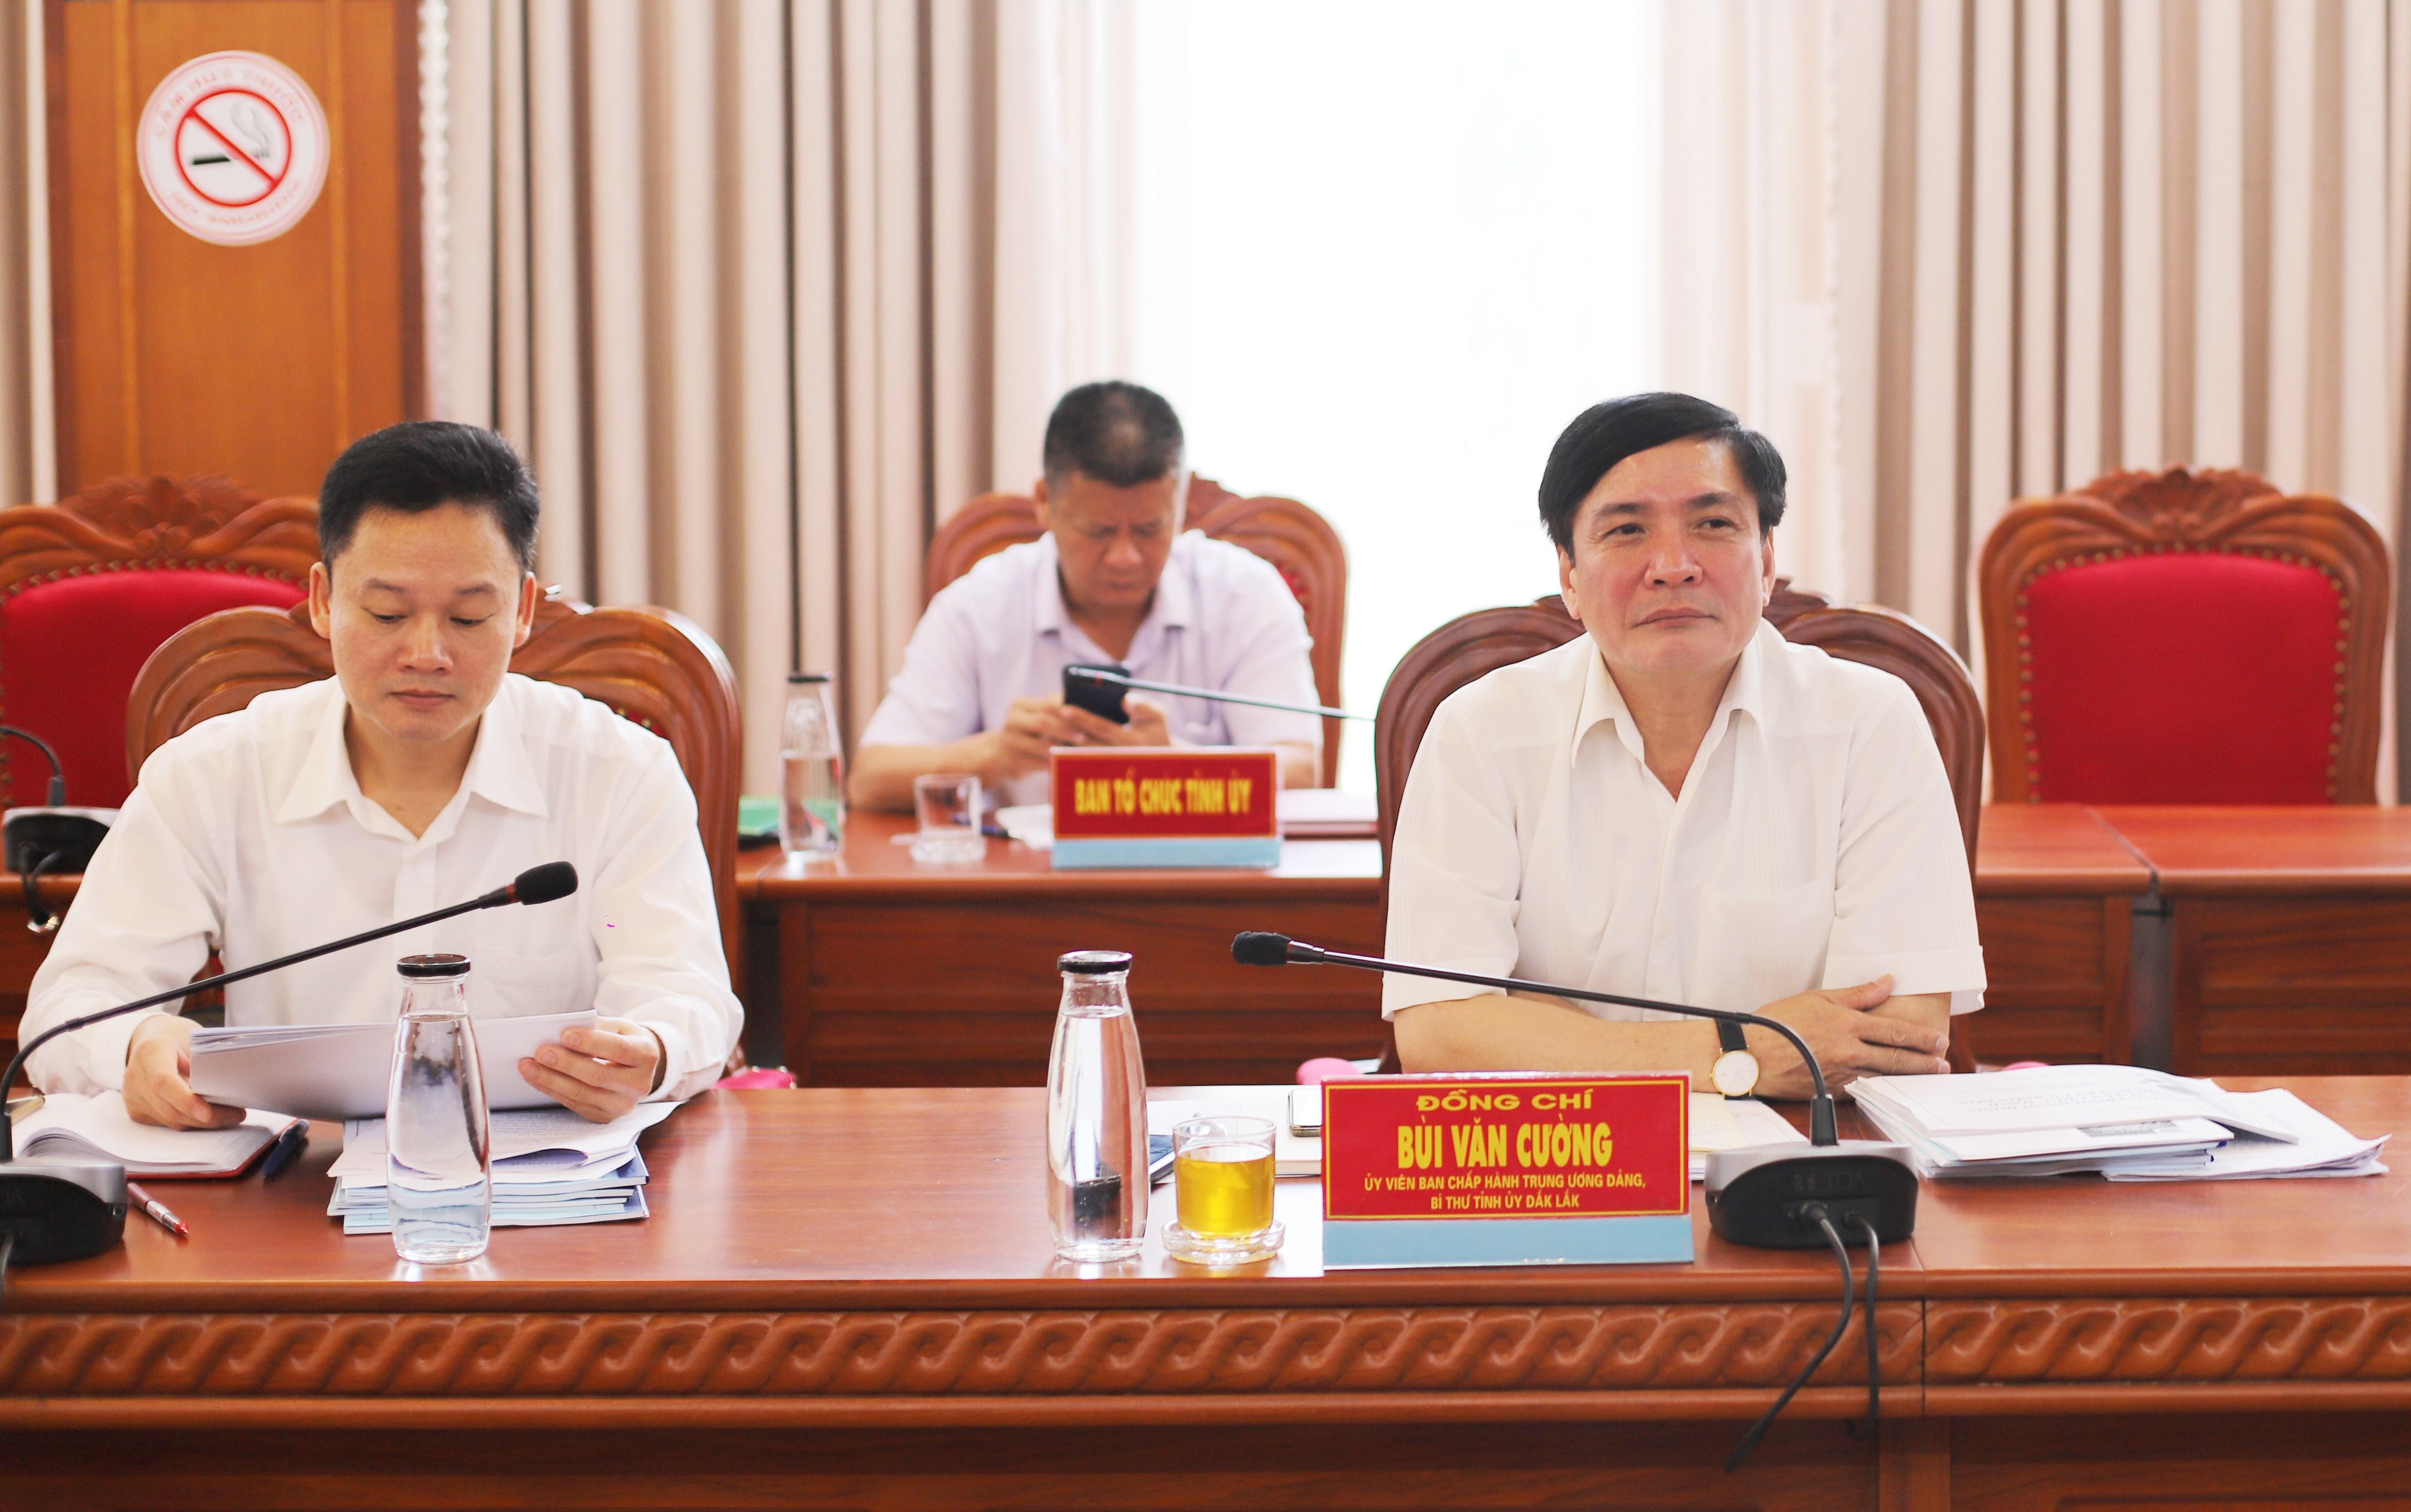 Ông Bùi Văn Cường Bí thư Tỉnh ủy Đăk Lăk chủ trì bảo vệ chương trình hành động của các ứng viên